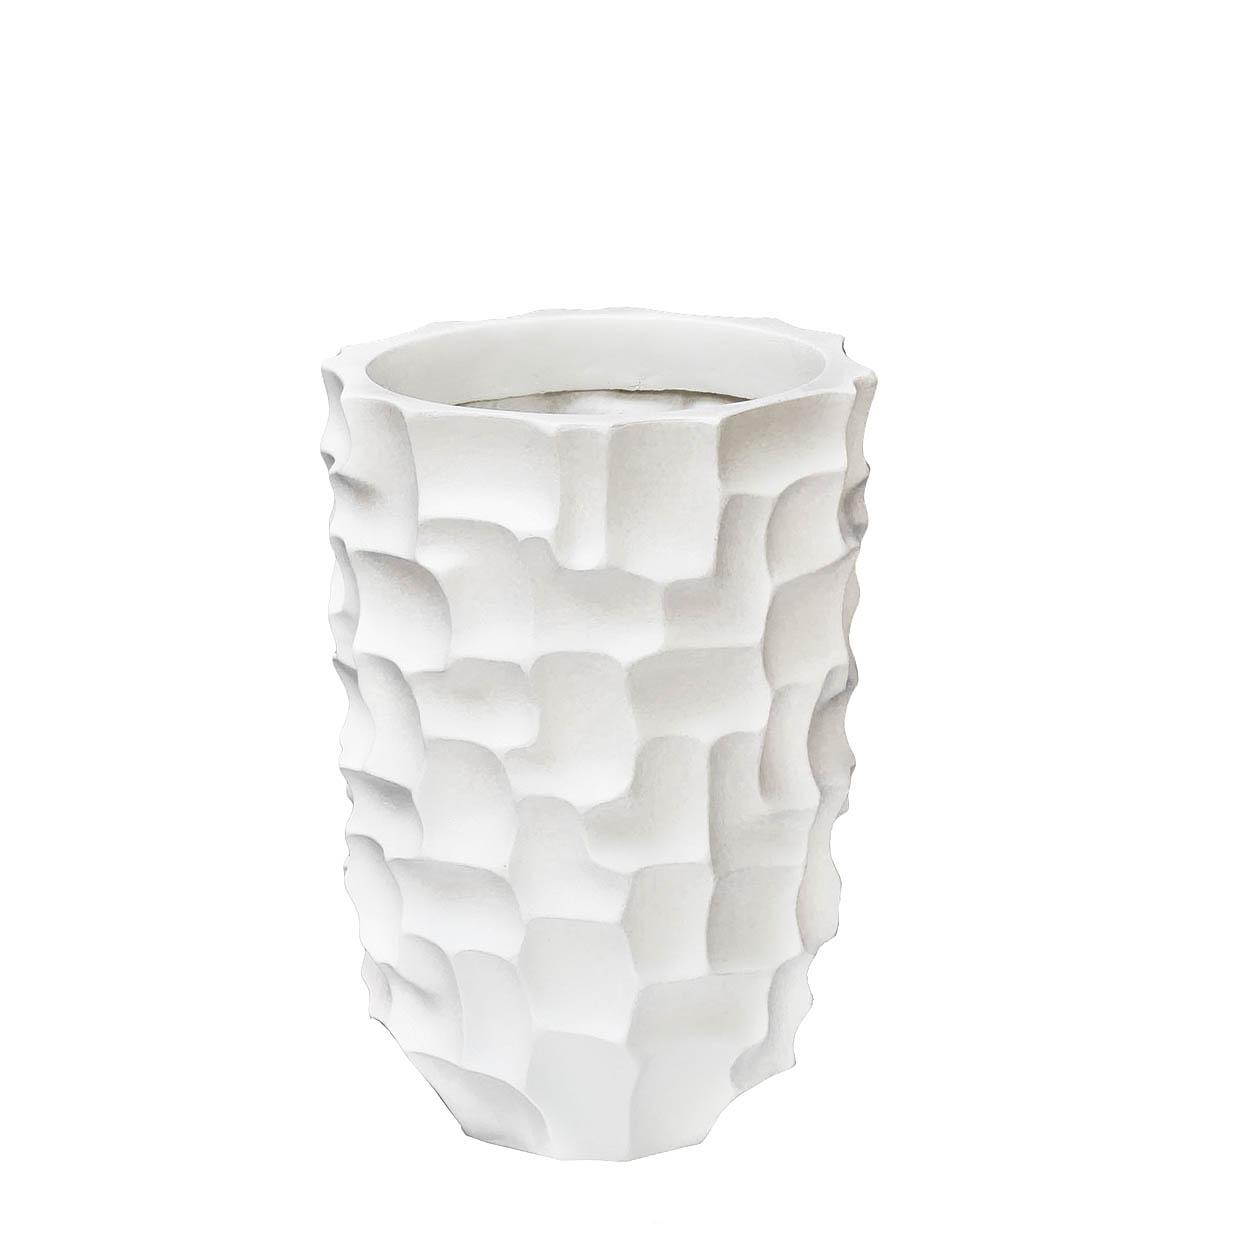 КашпоКашпо и аксессуары для цветов<br>Белое кашпо от Garda Decor — скульптурная импровизация в предмете декора. Абстрактную поверхность образуют будто кусочки пазла — миниатюрные геометрические фигуры, выложенные в затейливый узор. Белый цвет гармонично выглядит в любой обстановке. Кашпо идеально дополнит интерьеры в сдержанных тонах.<br><br>Material: Керамика<br>Ширина см: 32<br>Высота см: 47<br>Глубина см: 32